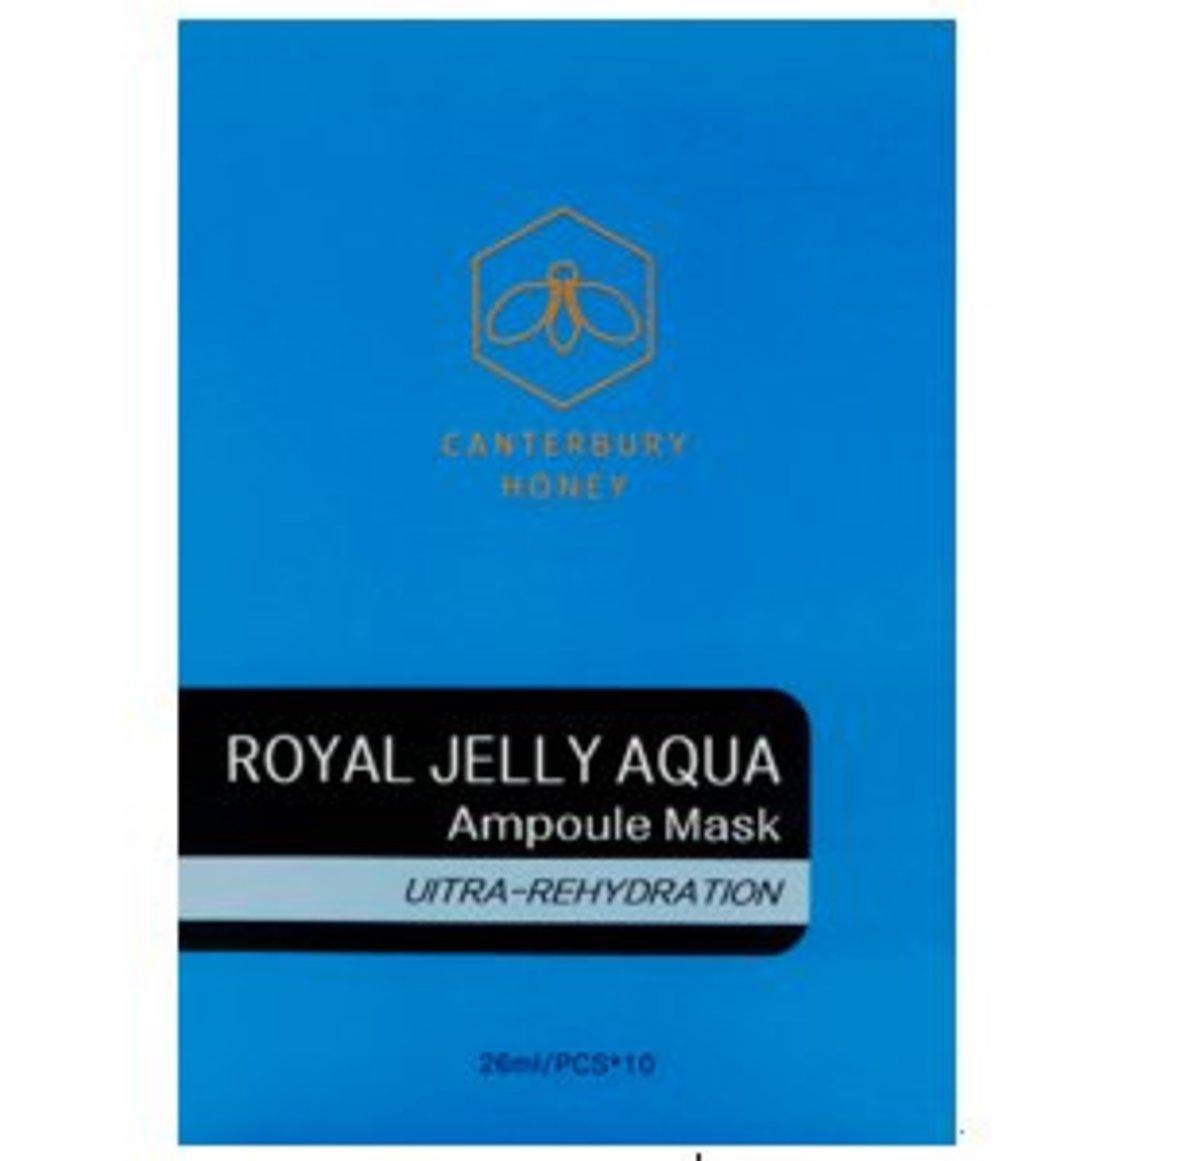 皇家蜂王漿超級保濕面膜 (10pcs)